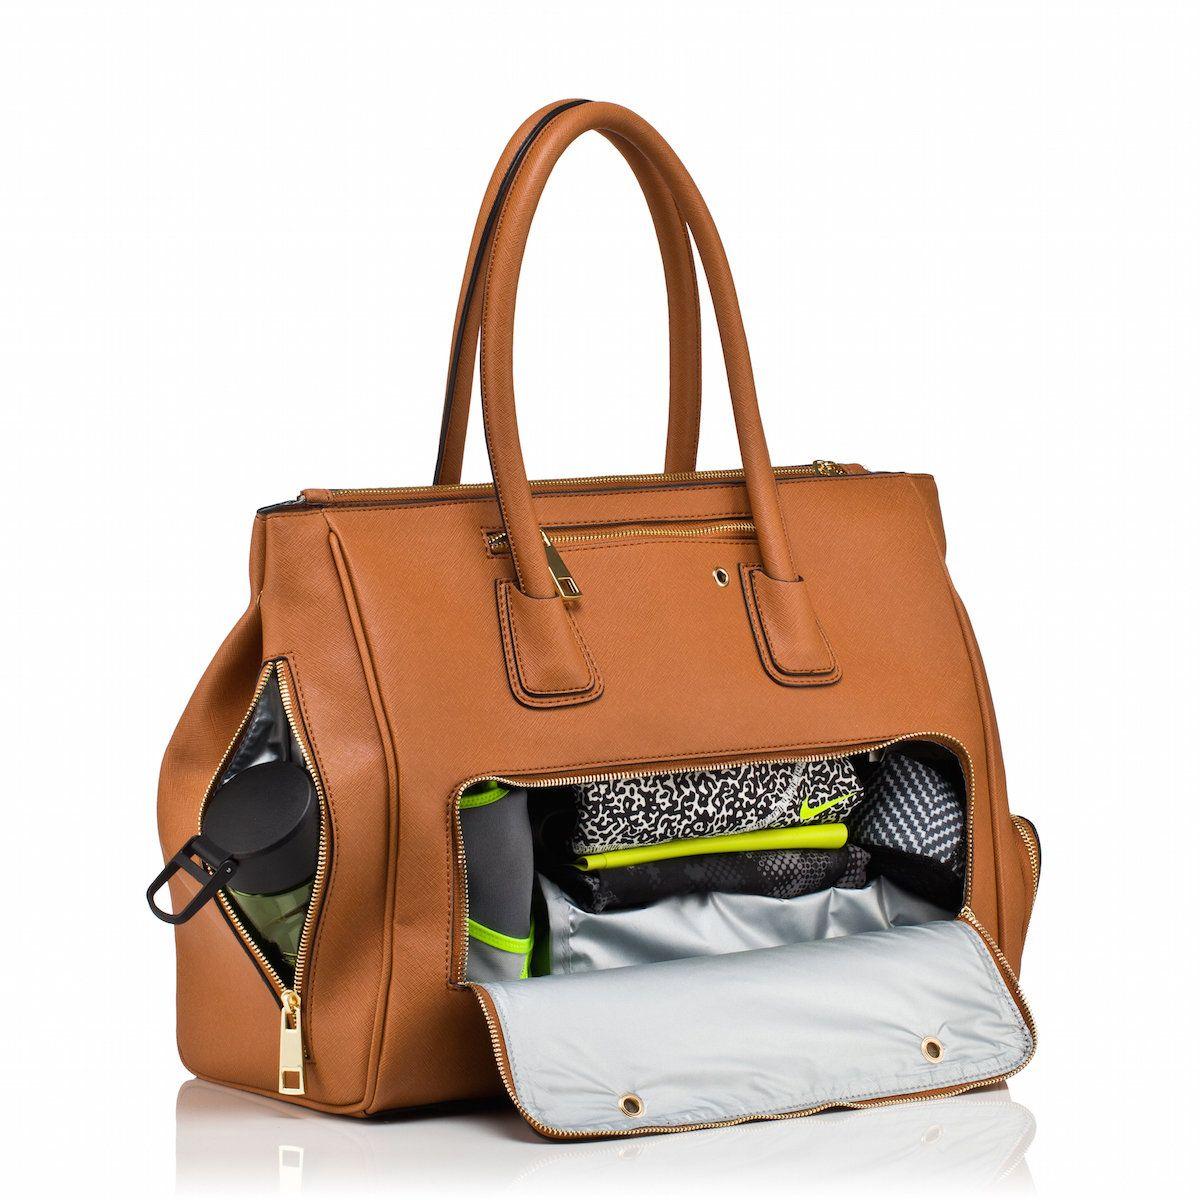 Handbag Gym Tote Sophia Tan Saffiano